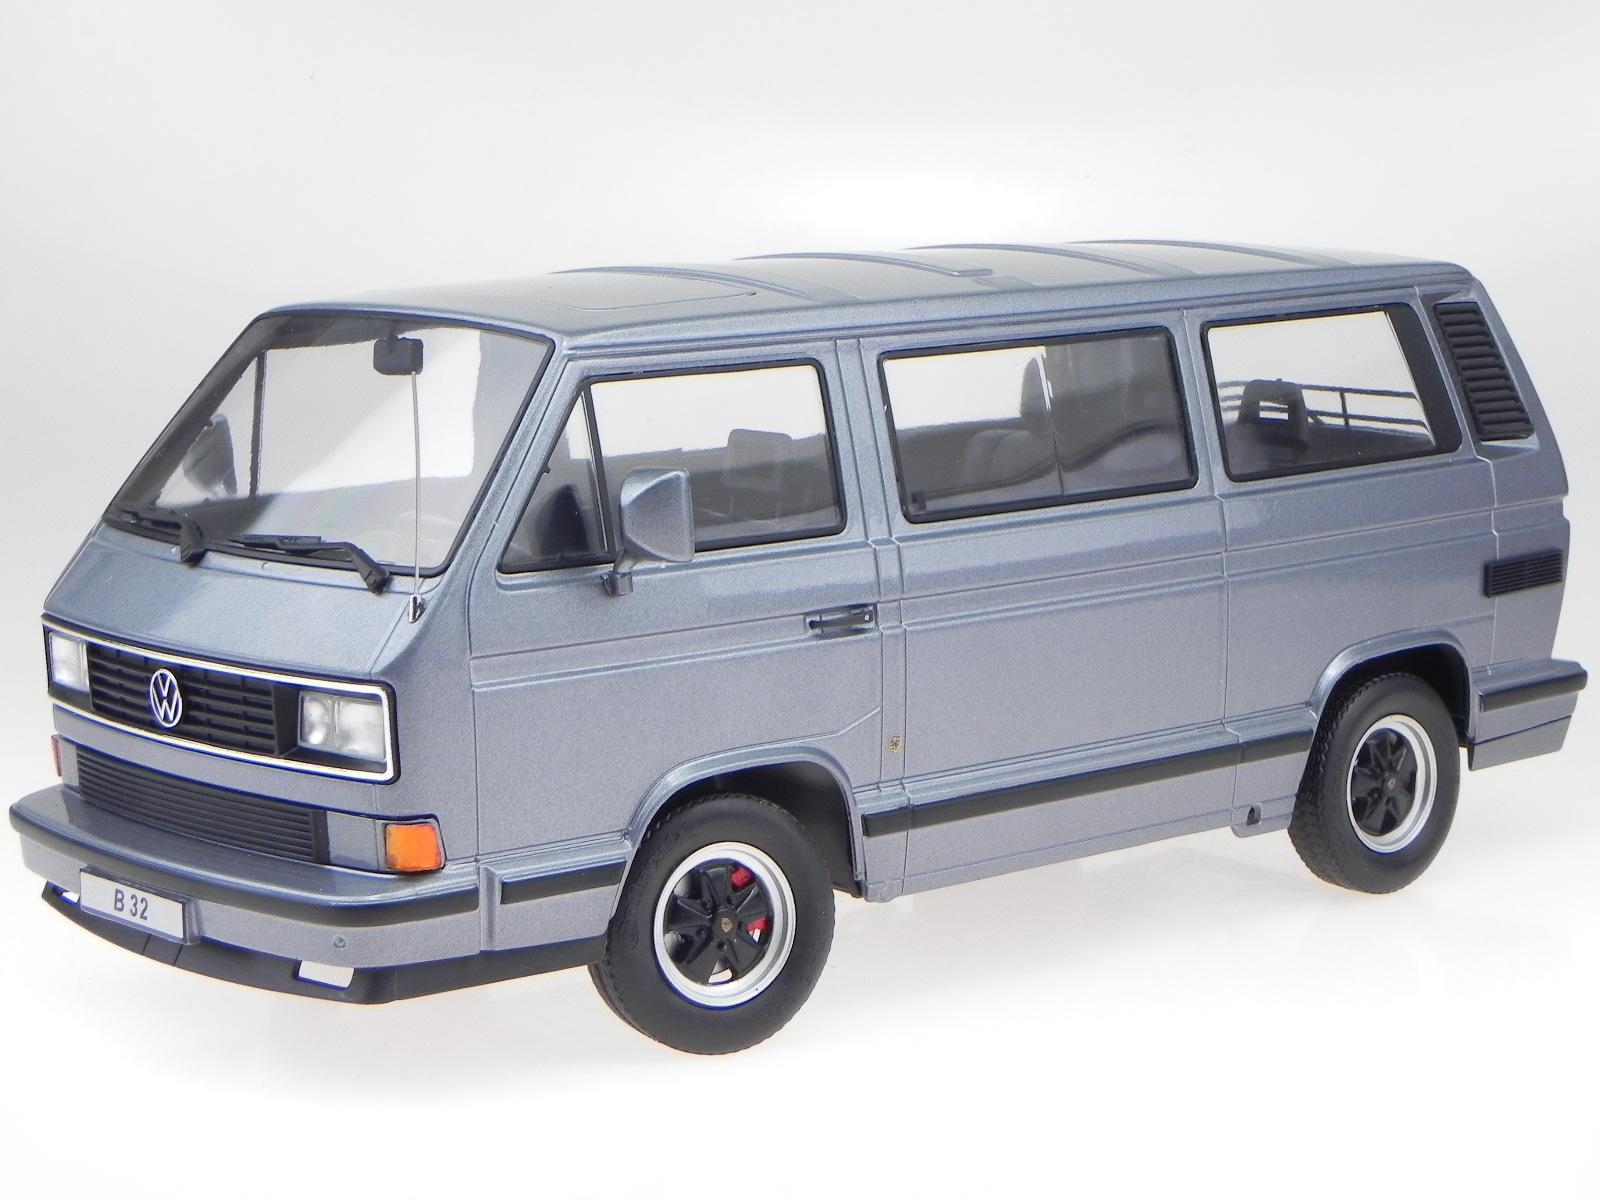 VW T3 B32 Porsche Bus grigio modellino 180221 modellino KK-Scale 1:18